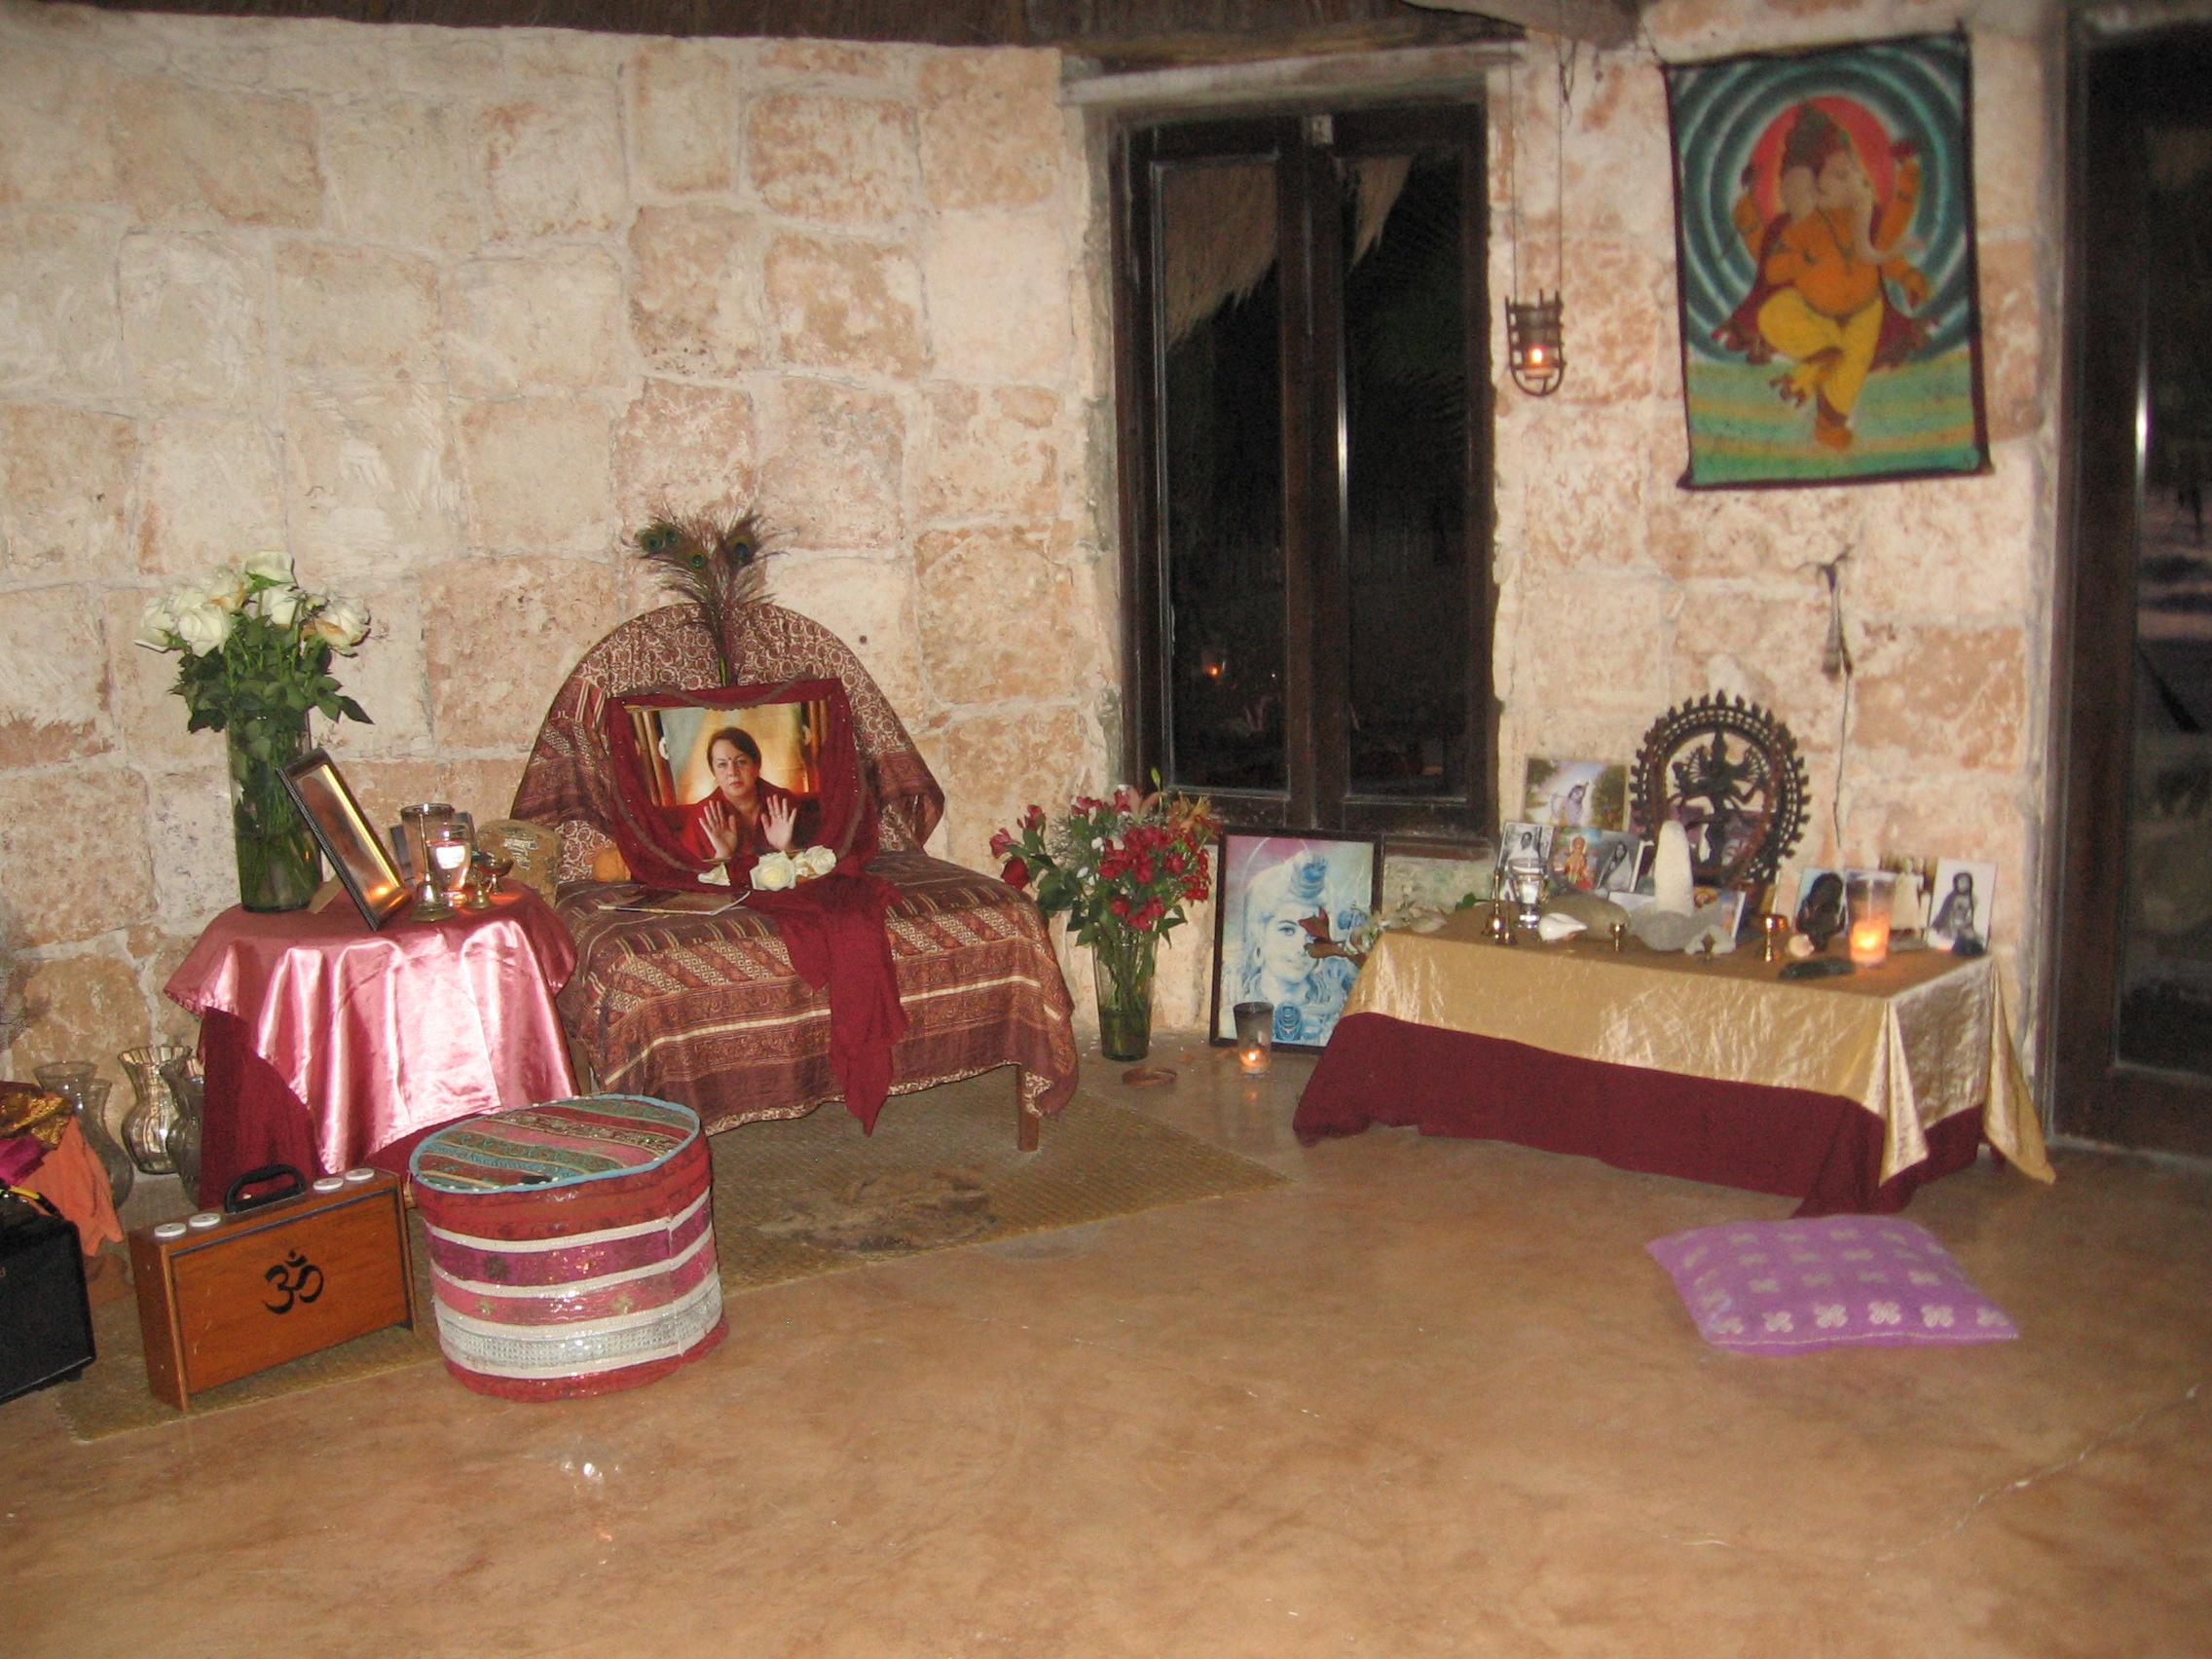 Uno Astro temple